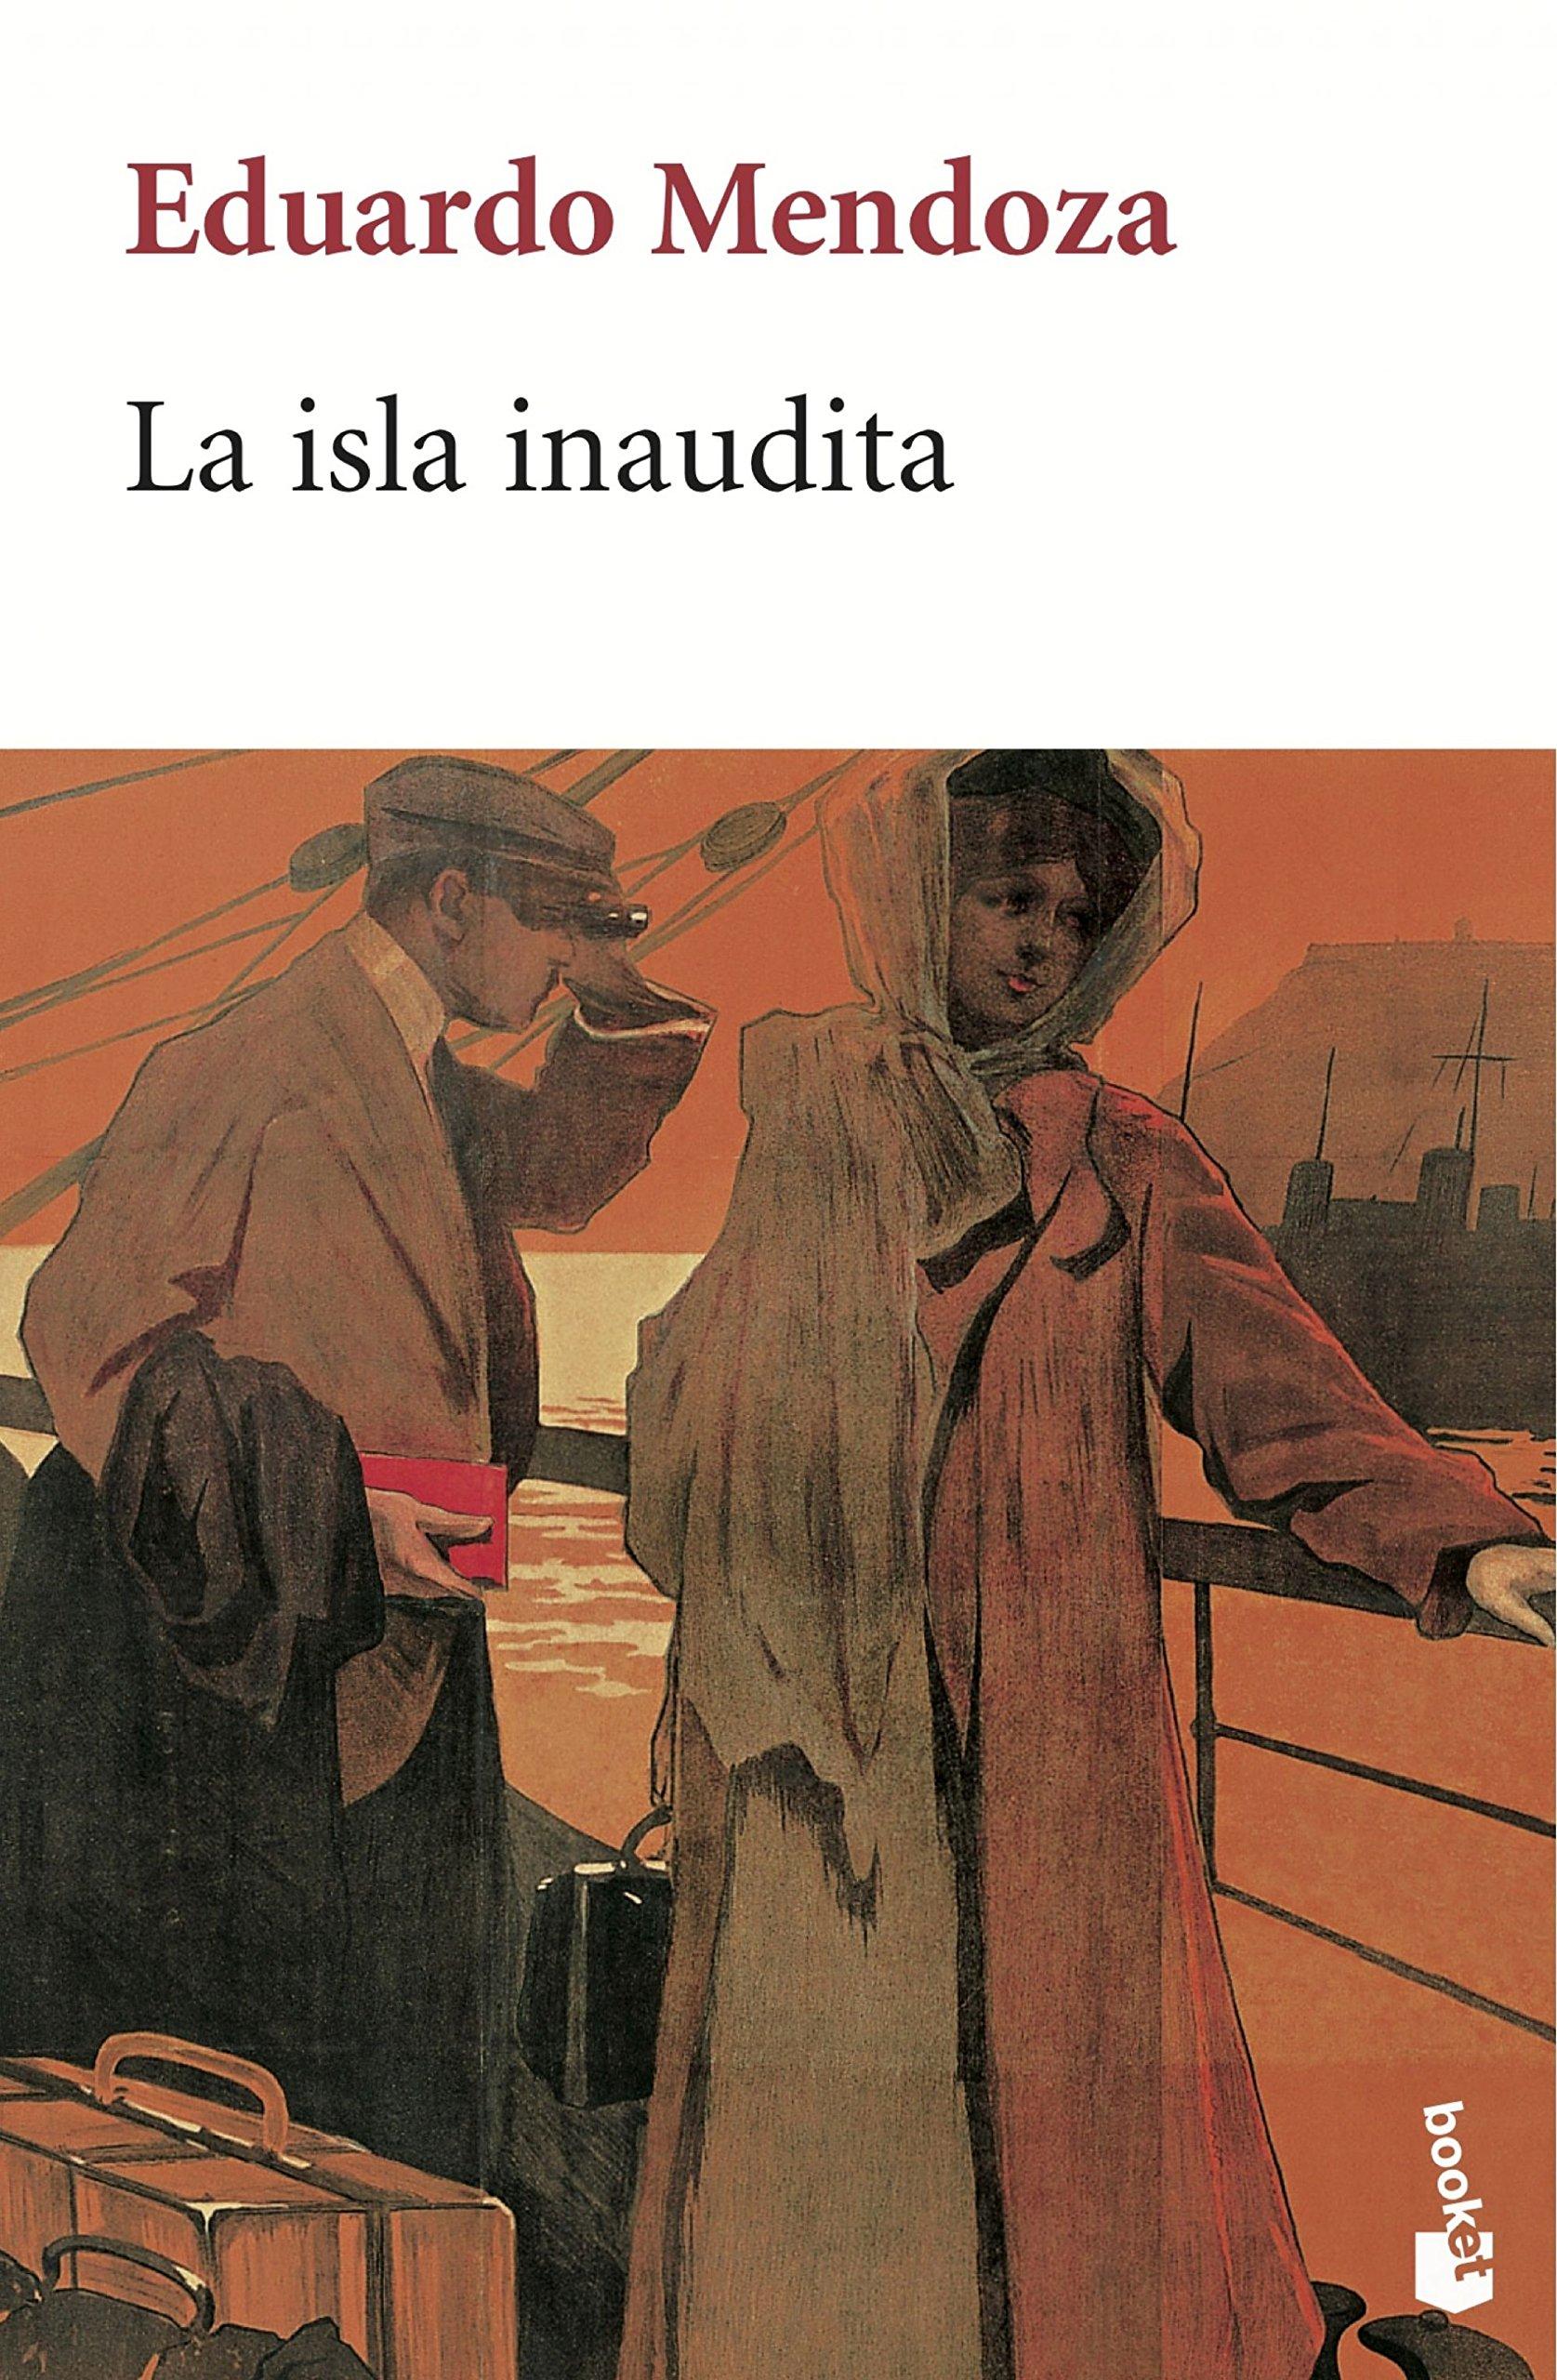 La isla inaudita (Biblioteca Eduardo Mendoza): Amazon.es: Eduardo Mendoza: Libros